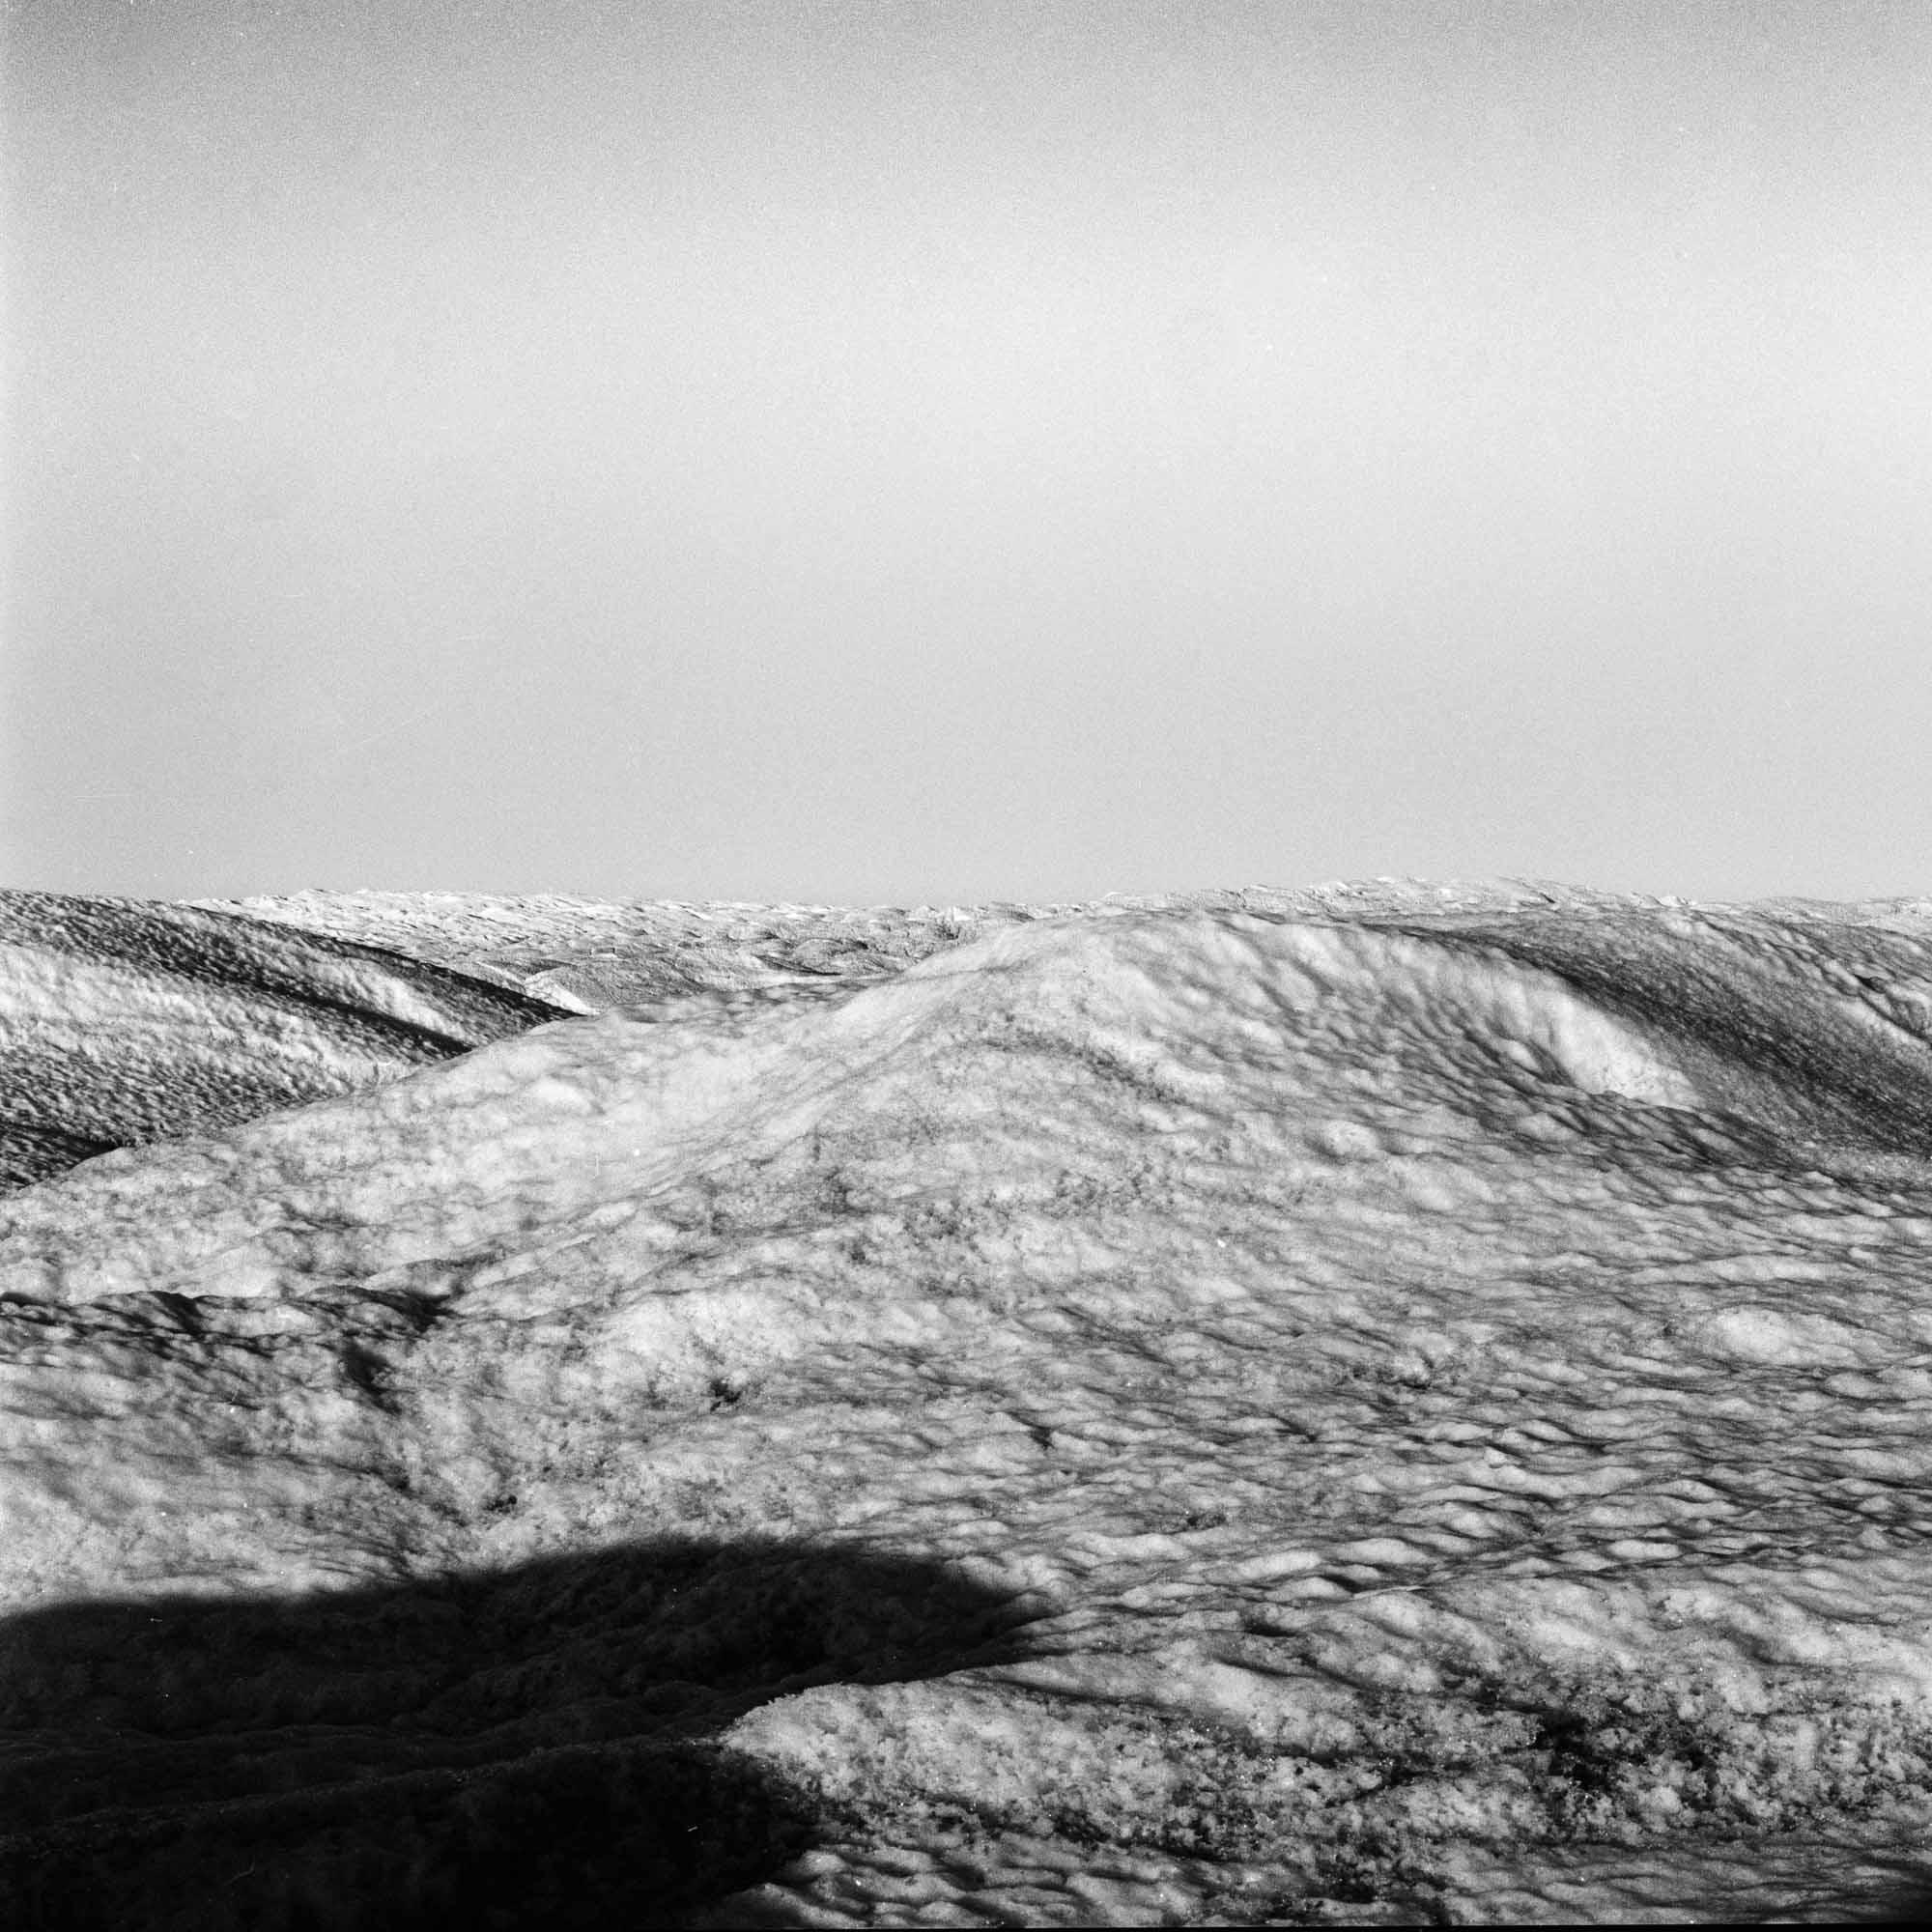 SERMERSUAQ  A photographic study of Sermersuaq, Greenland's ice sheet.  Greenland, 2014